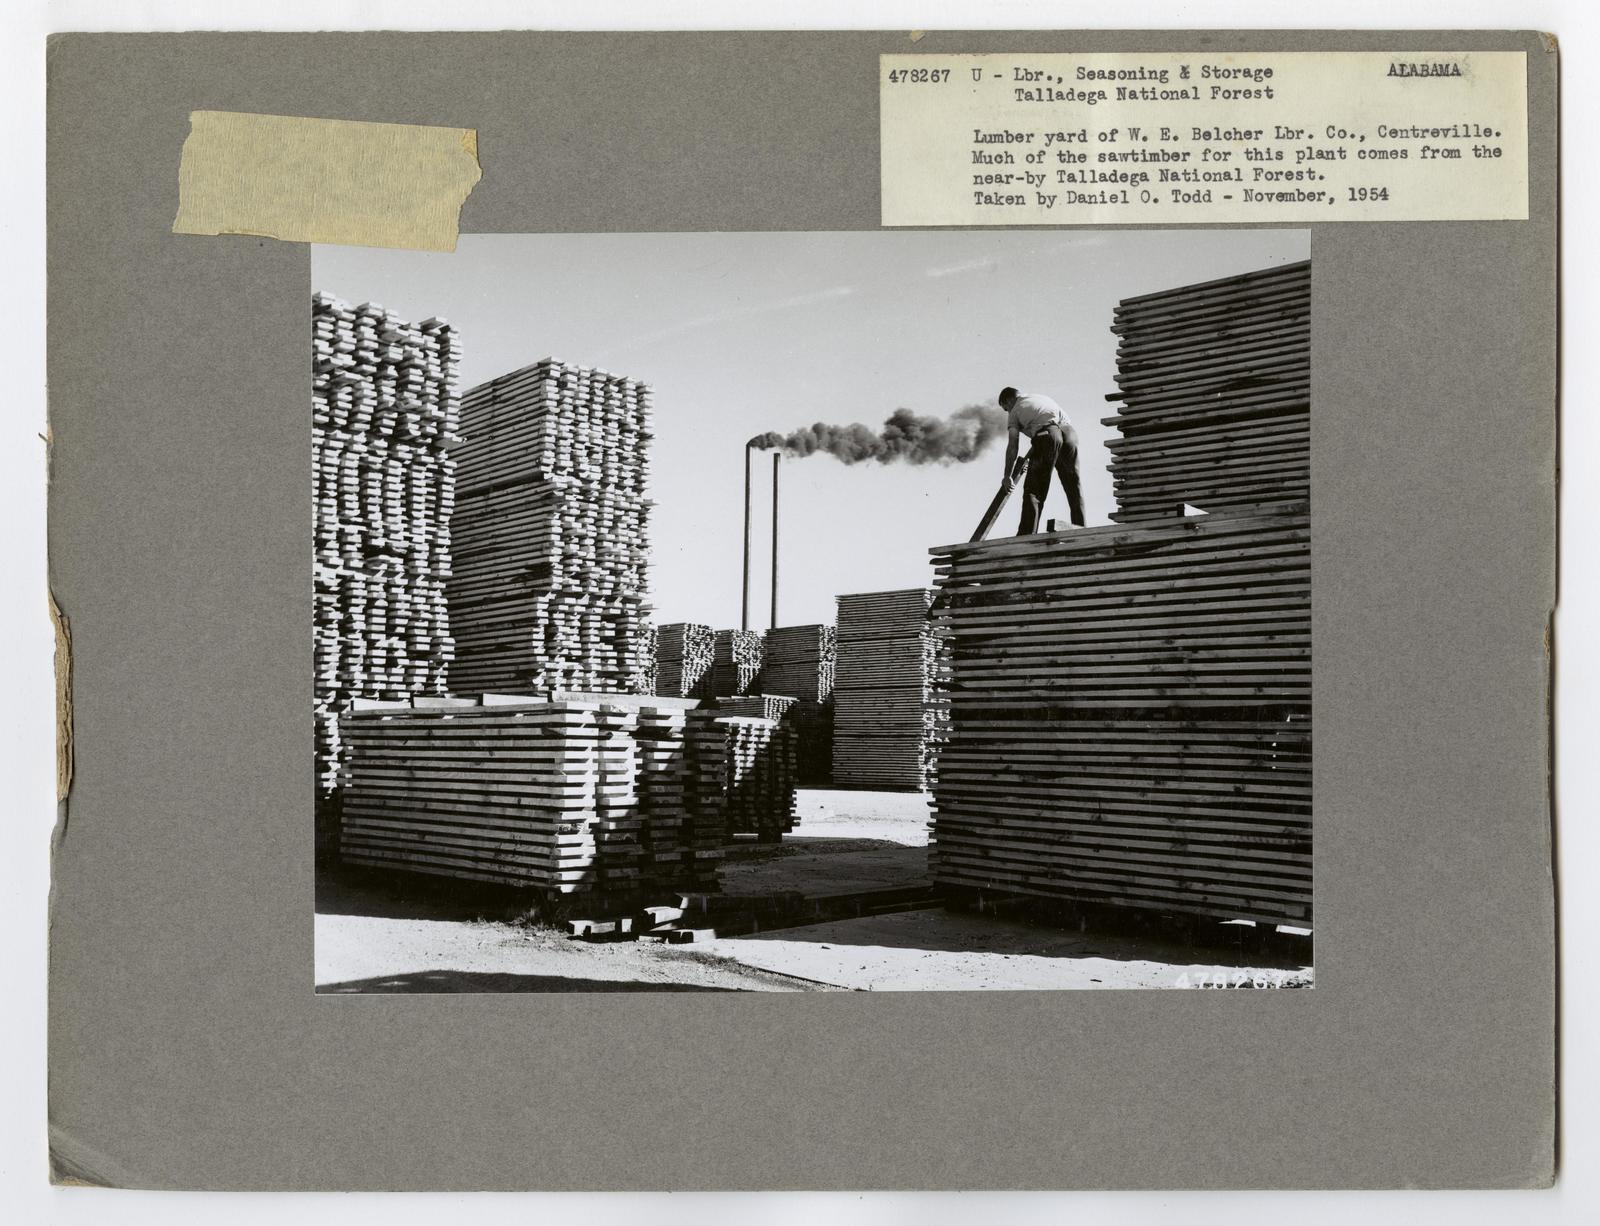 Seasoning and Shipping Lumber - Alabama